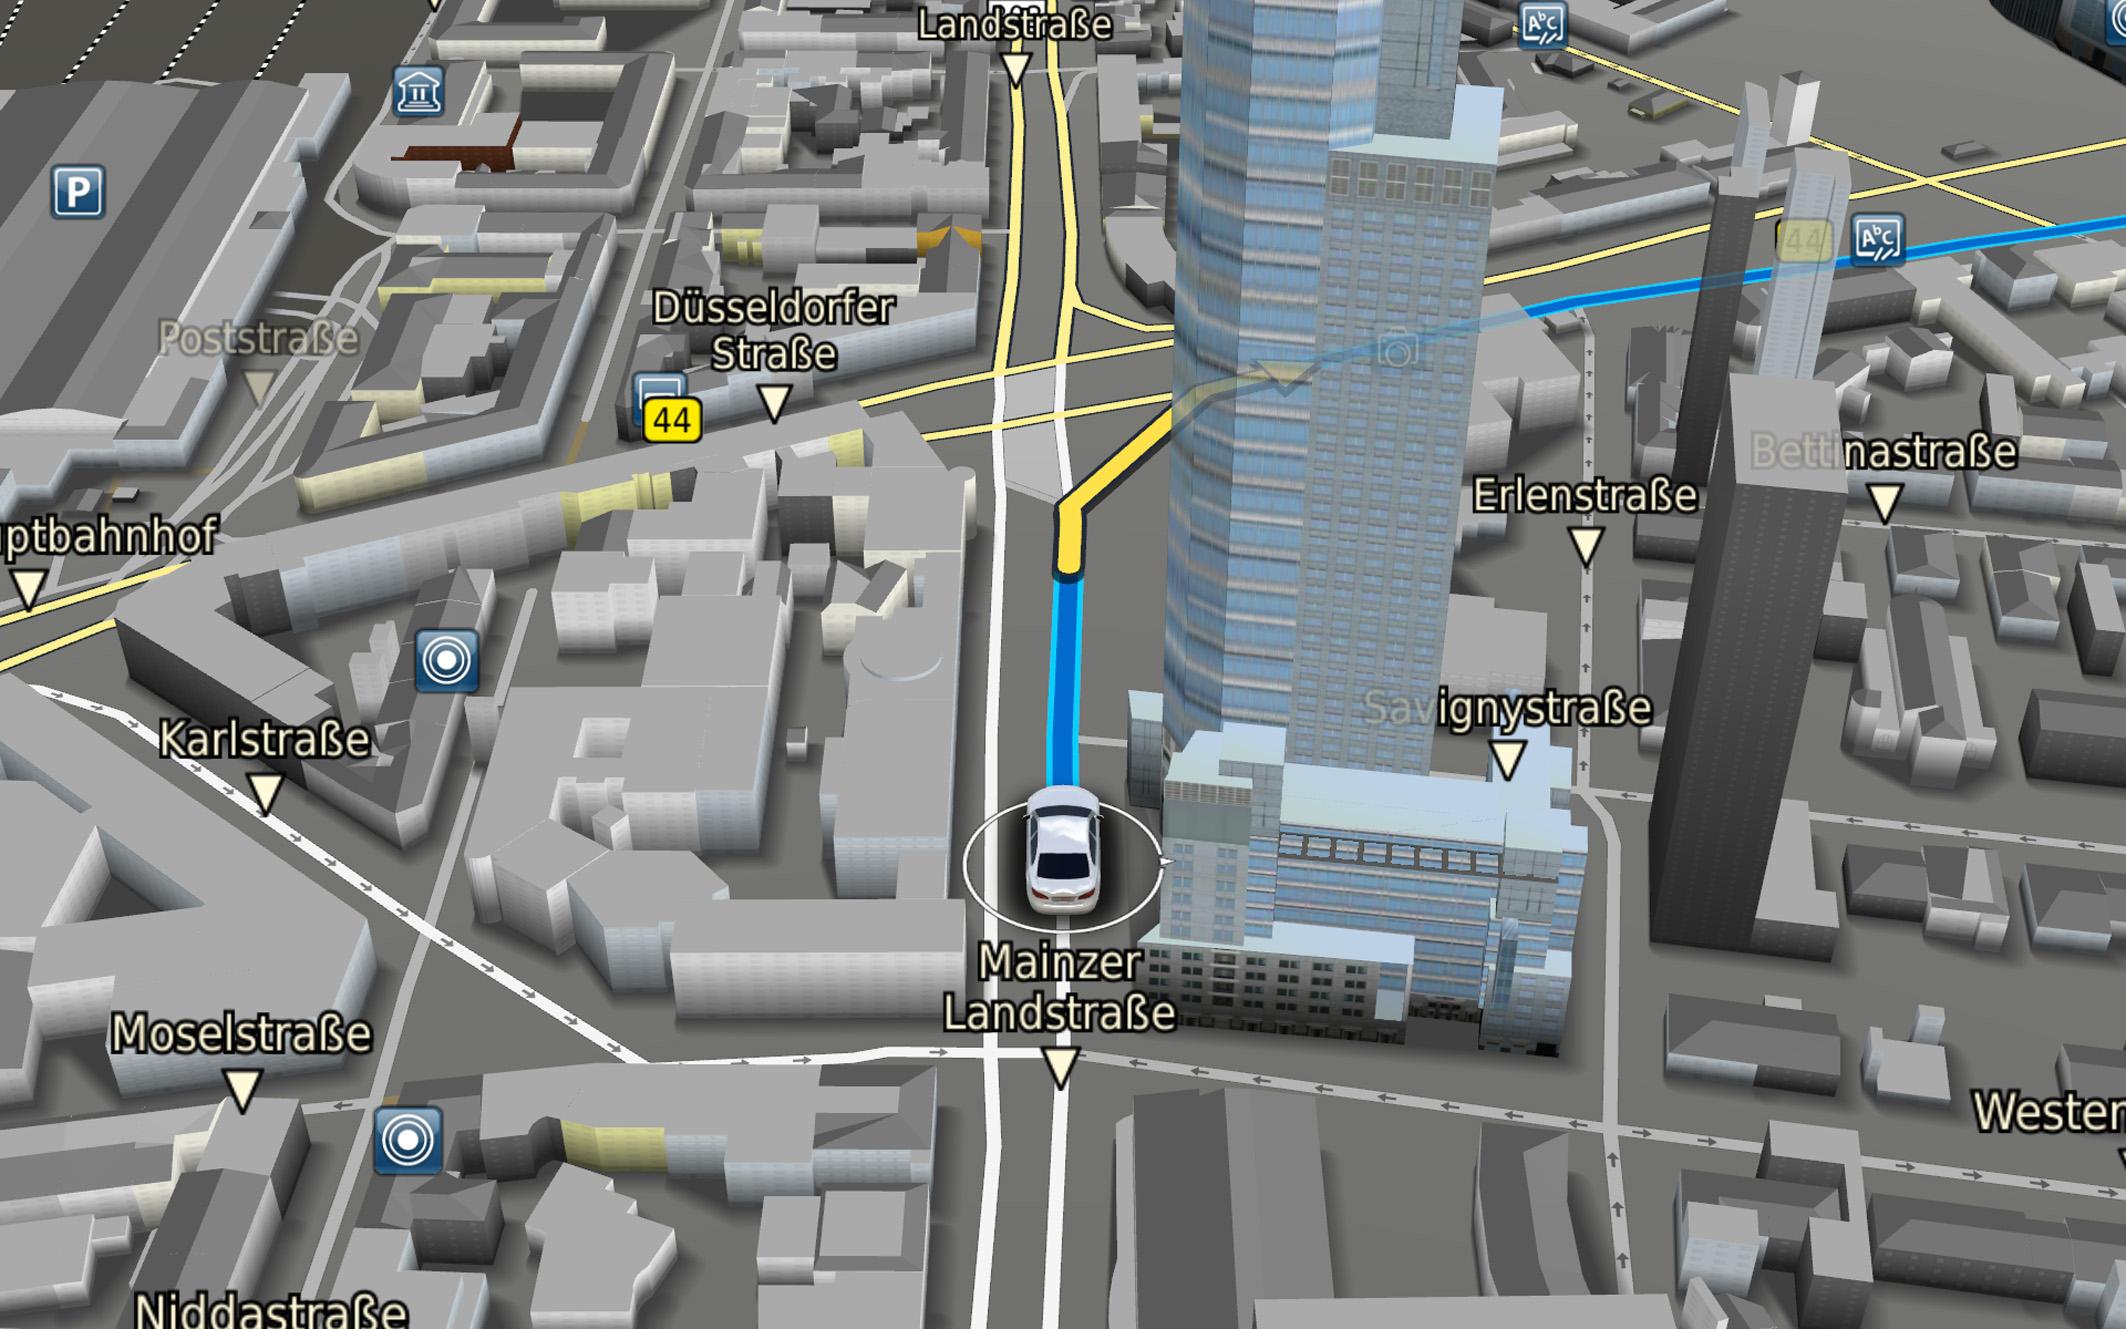 bosch, 3d map, mavigation